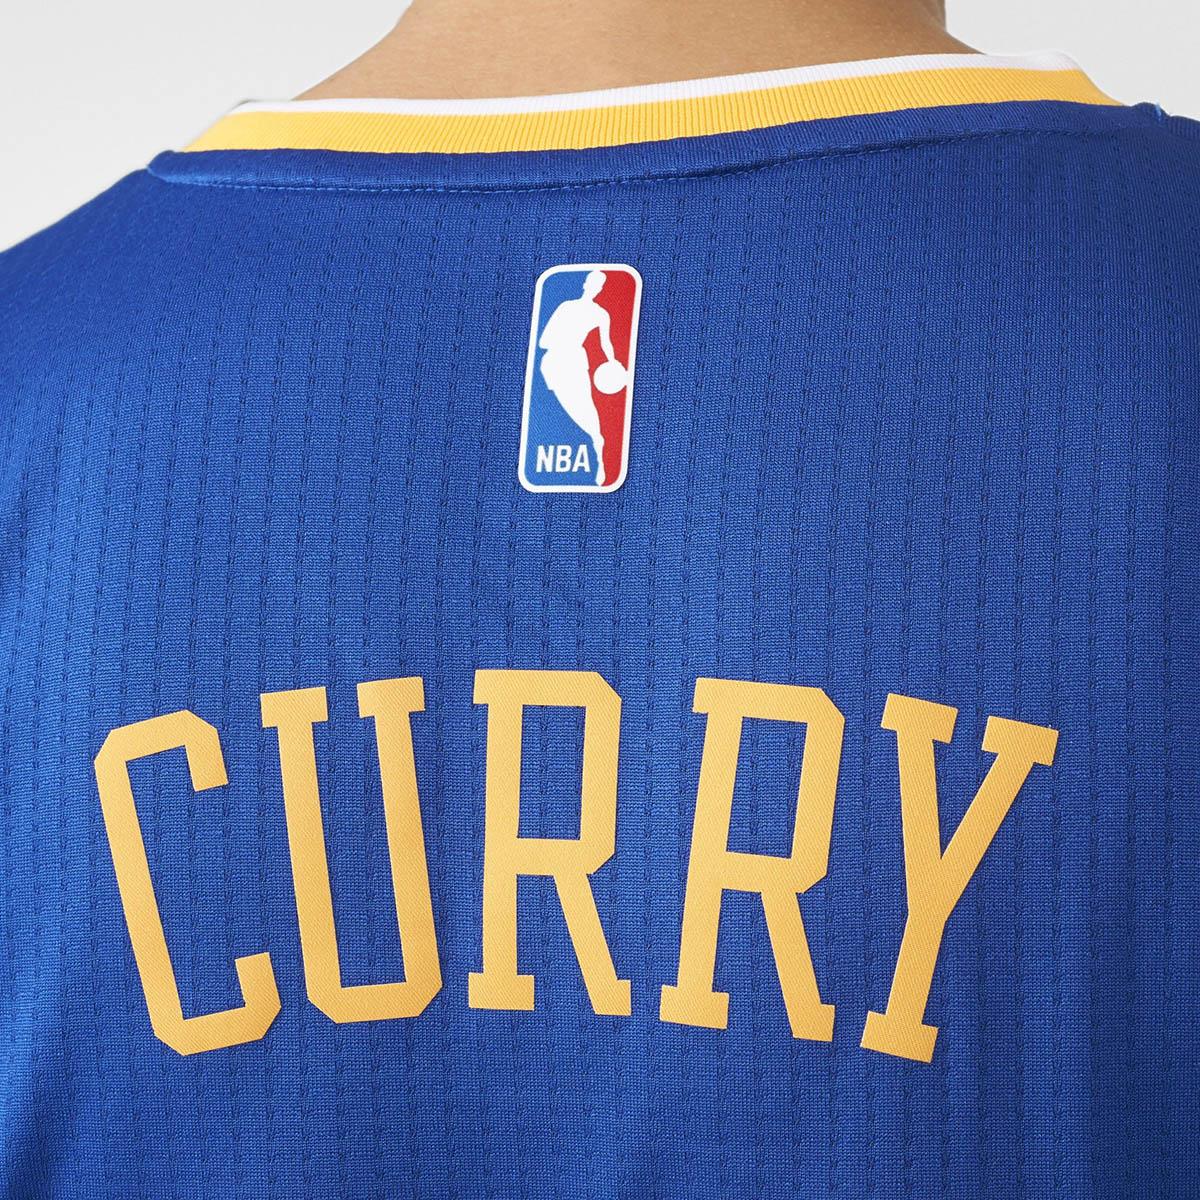 myepc golden state warriors stephen curry 30 blue replica nba jersey sale 7b8310733